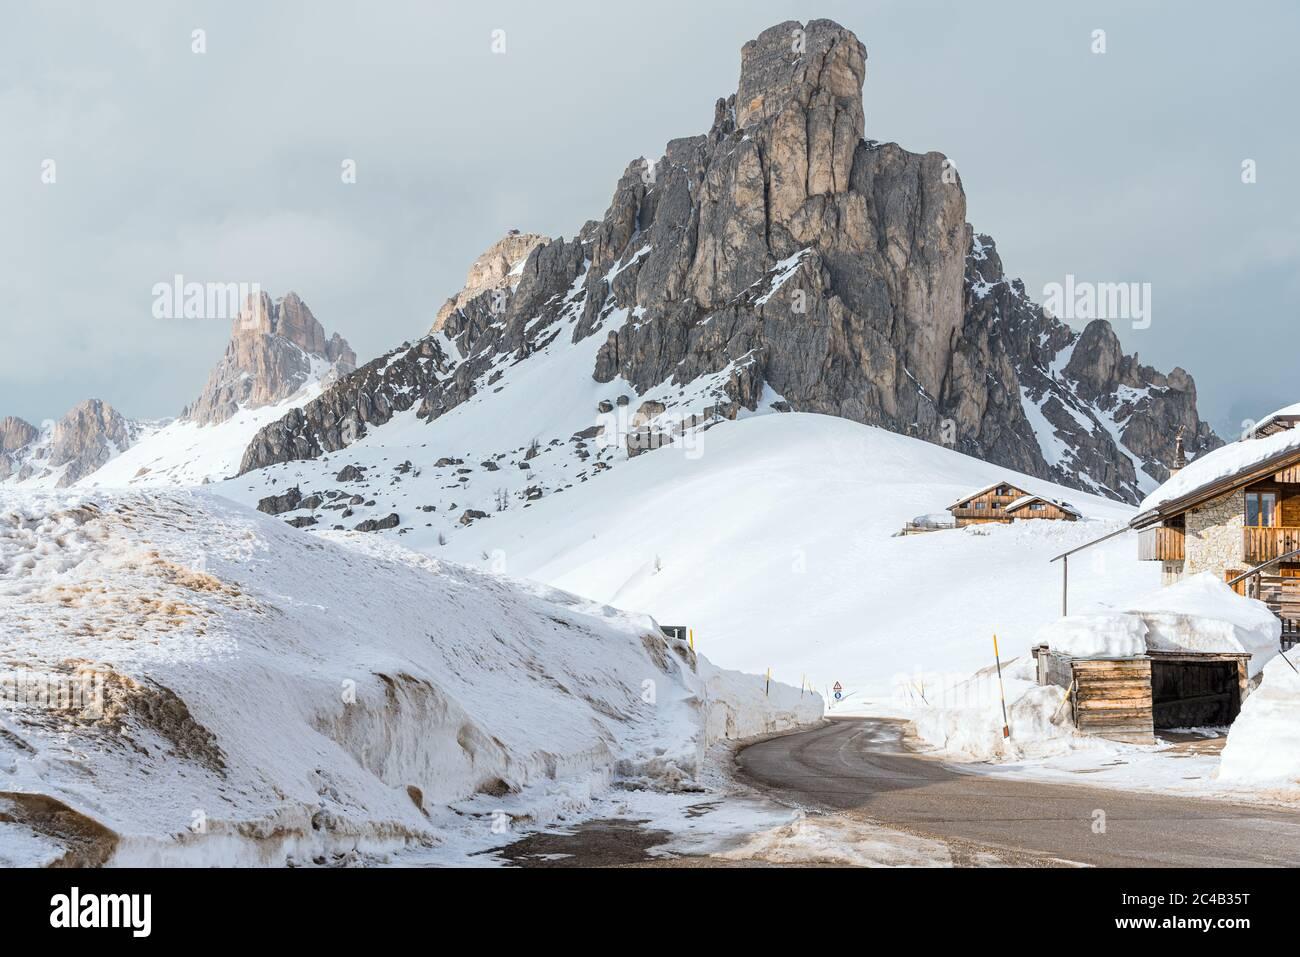 Camino vacío y sinuoso despejado de nieve en un paisaje de montaña de invierno en los Dolomitas en un día nublado Foto de stock